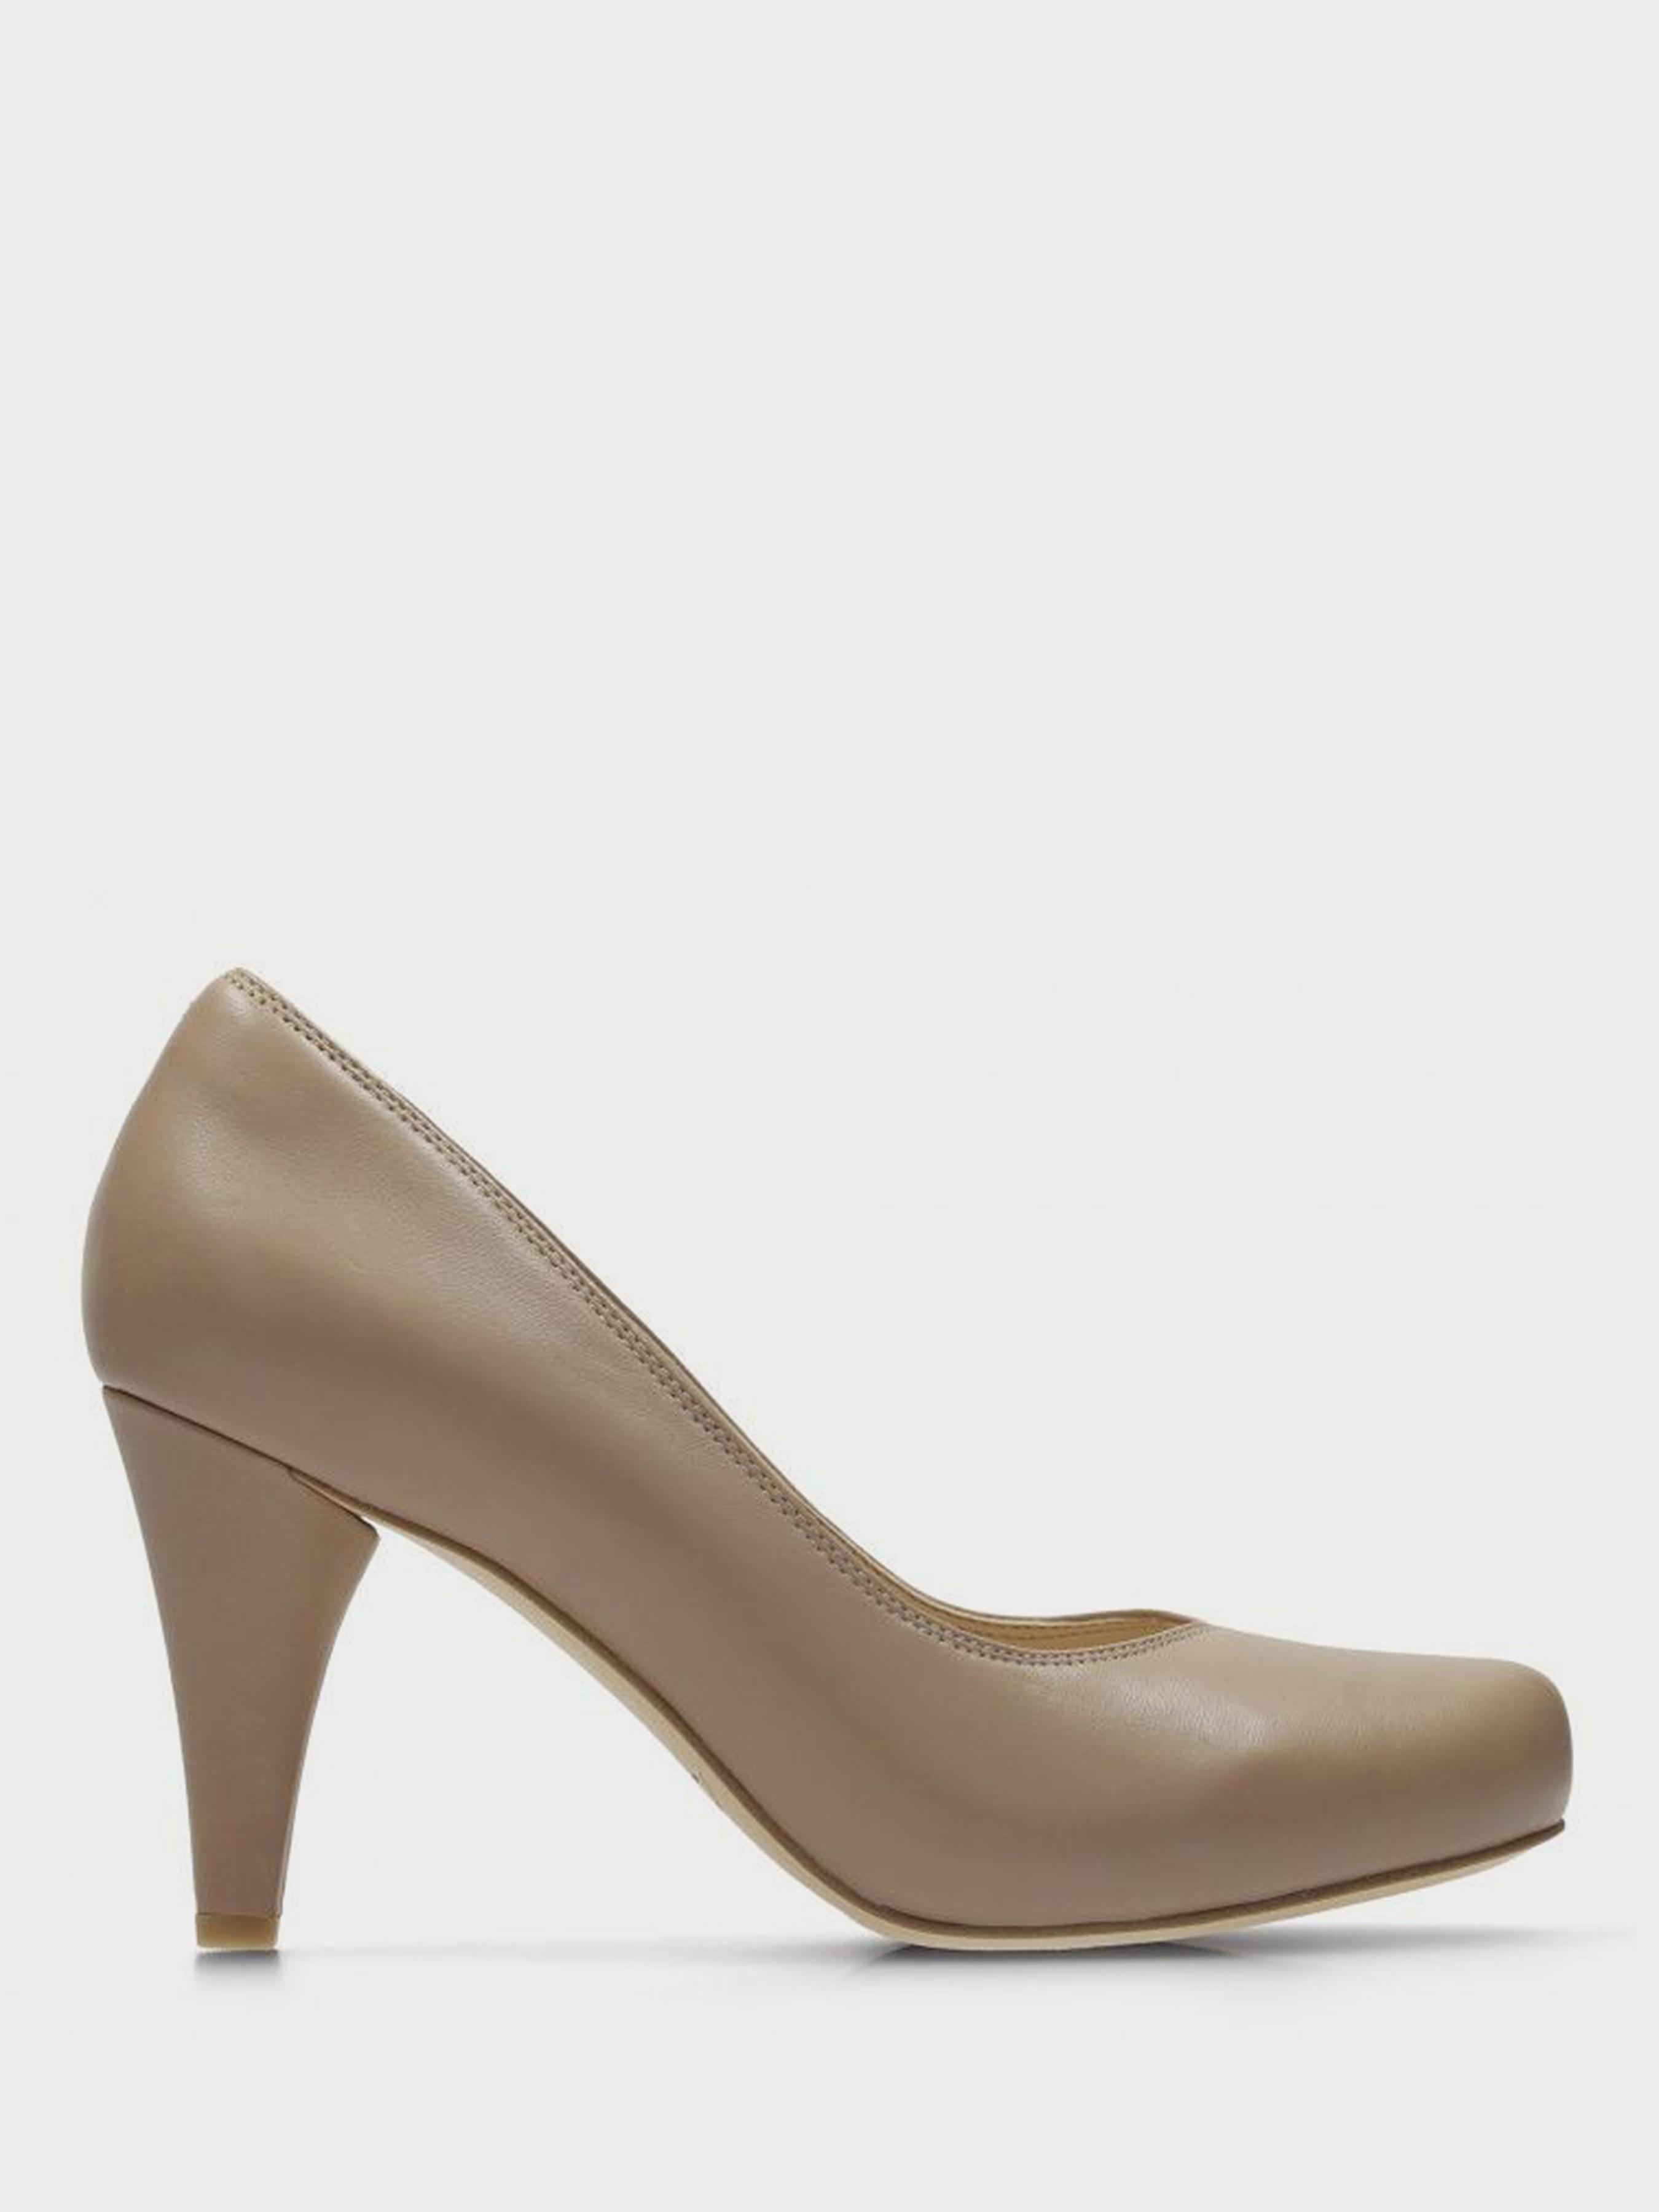 Туфли женские Clarks модель OW4164 - купить по лучшей цене в Киеве ... a9069d54054